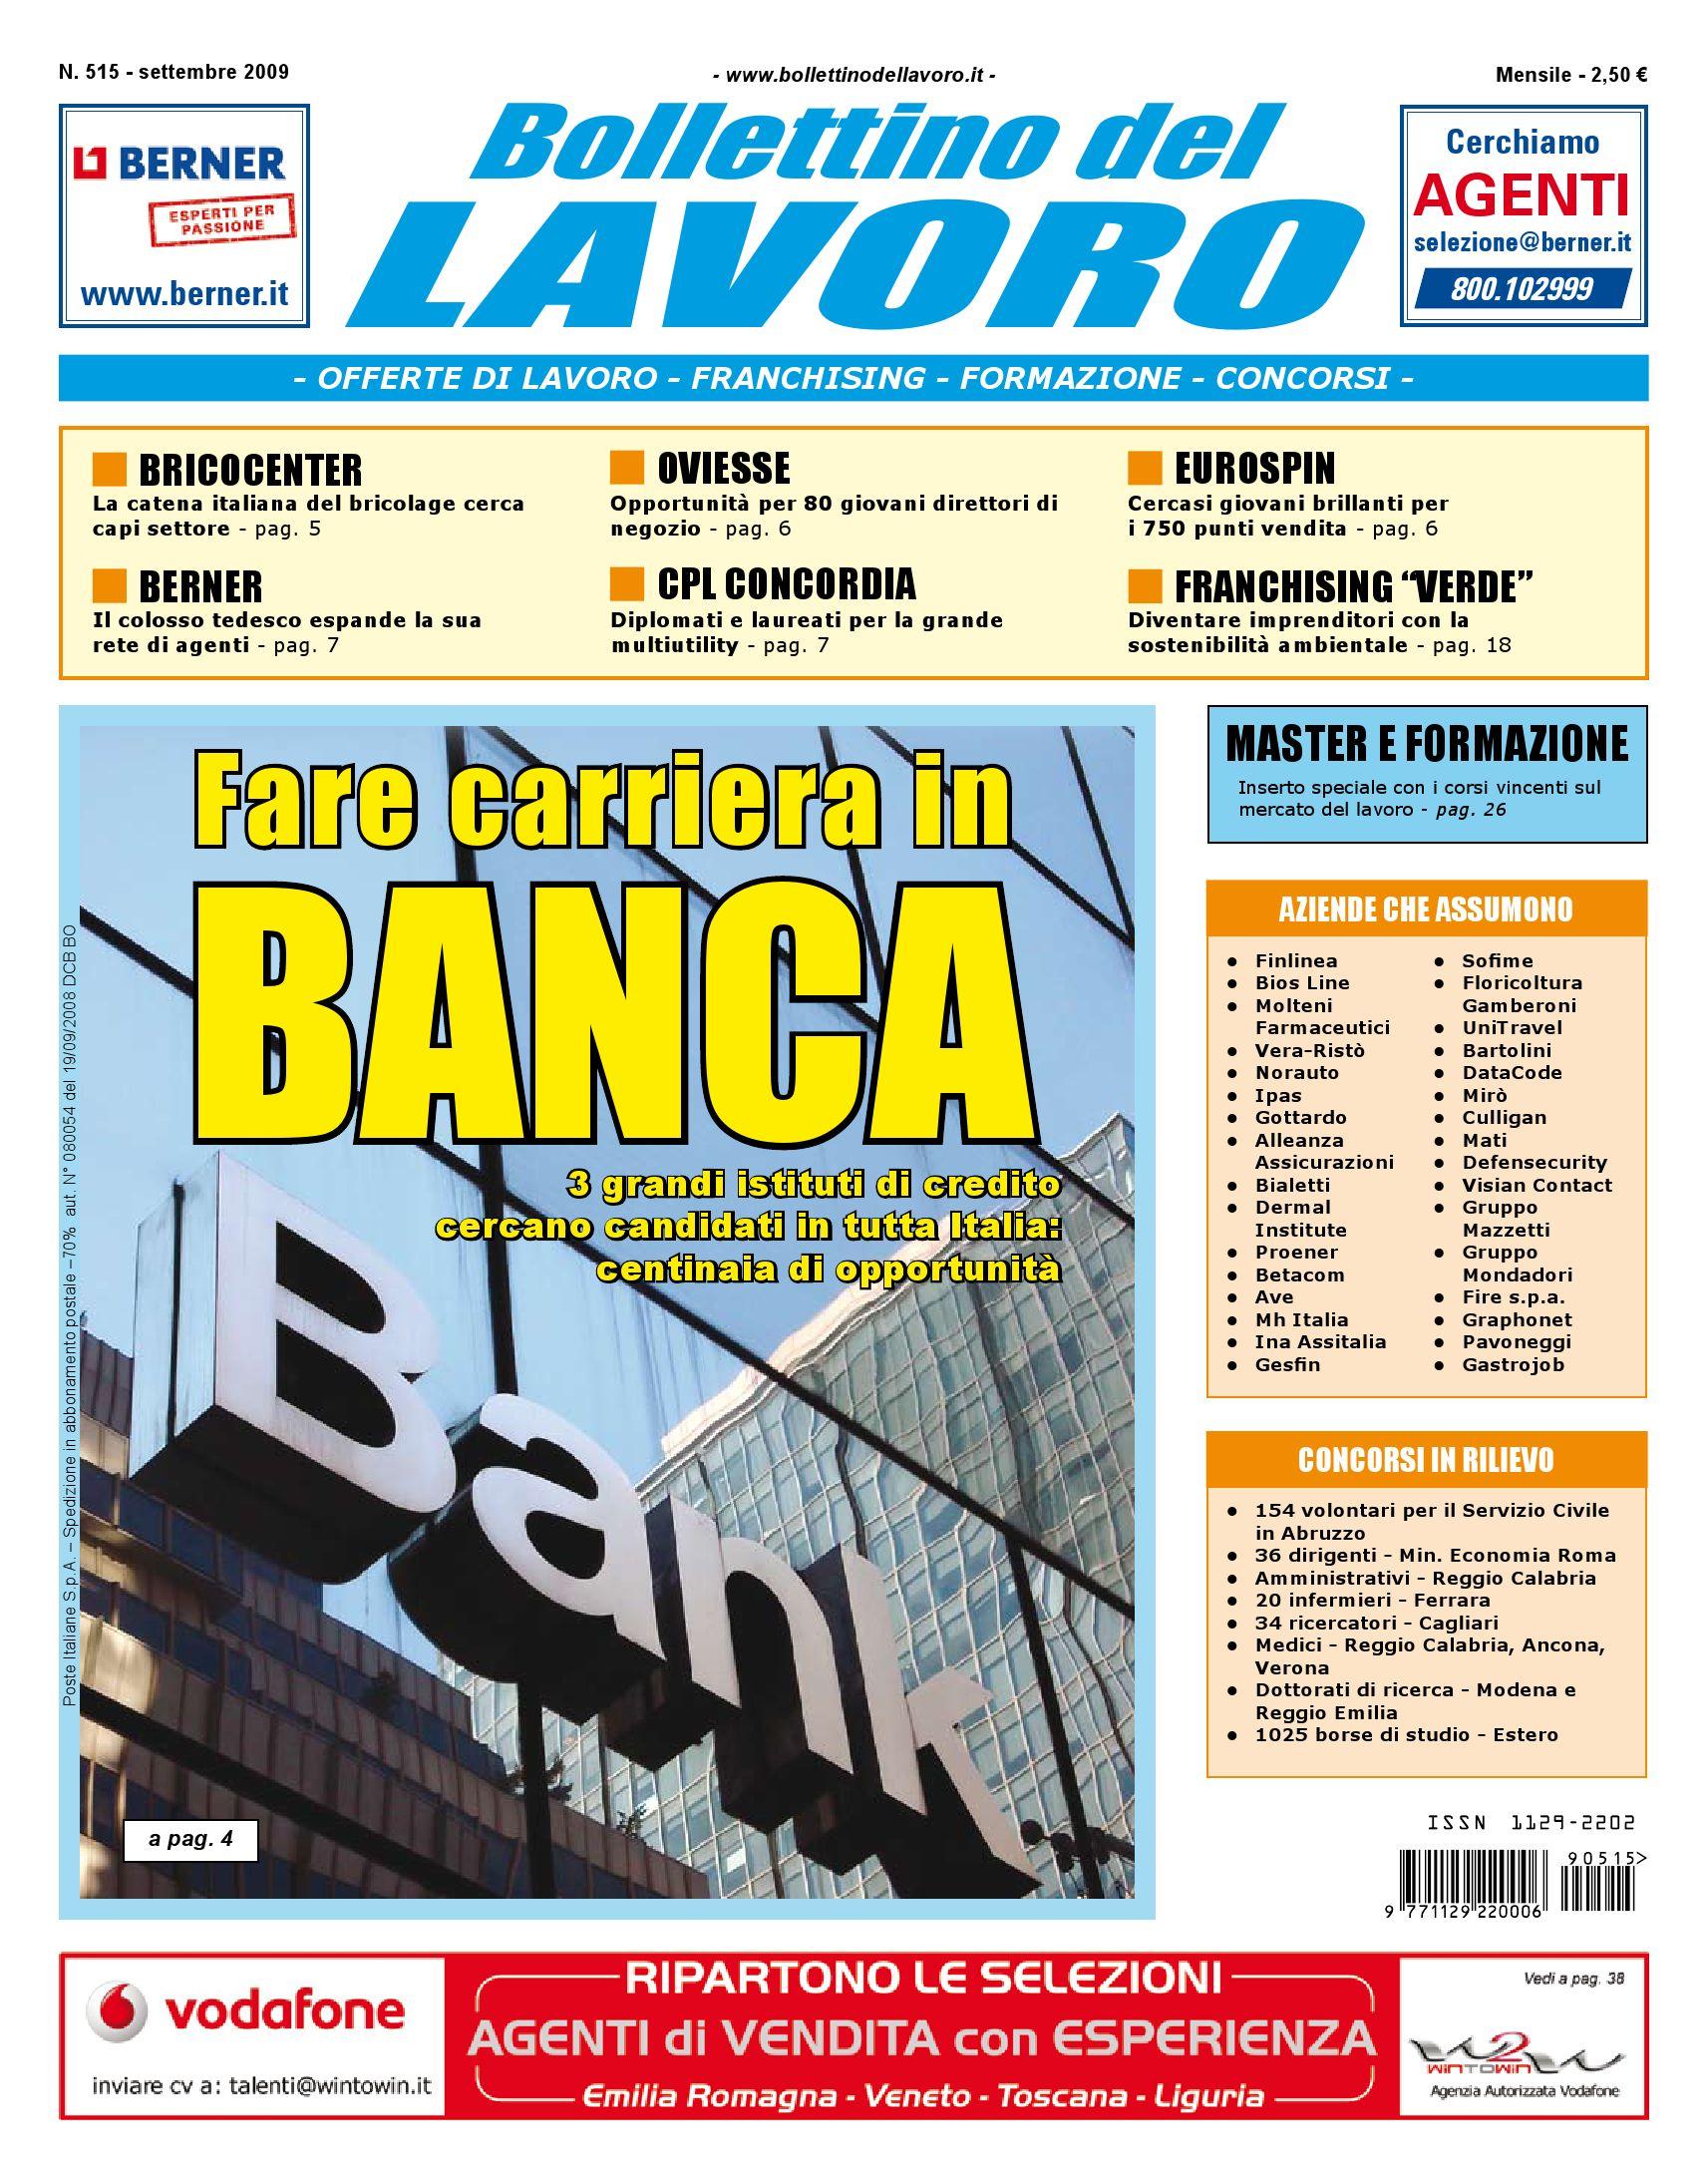 Bolllettino del Lavoro by Bollettino del Lavoro - issuu 323d7194712